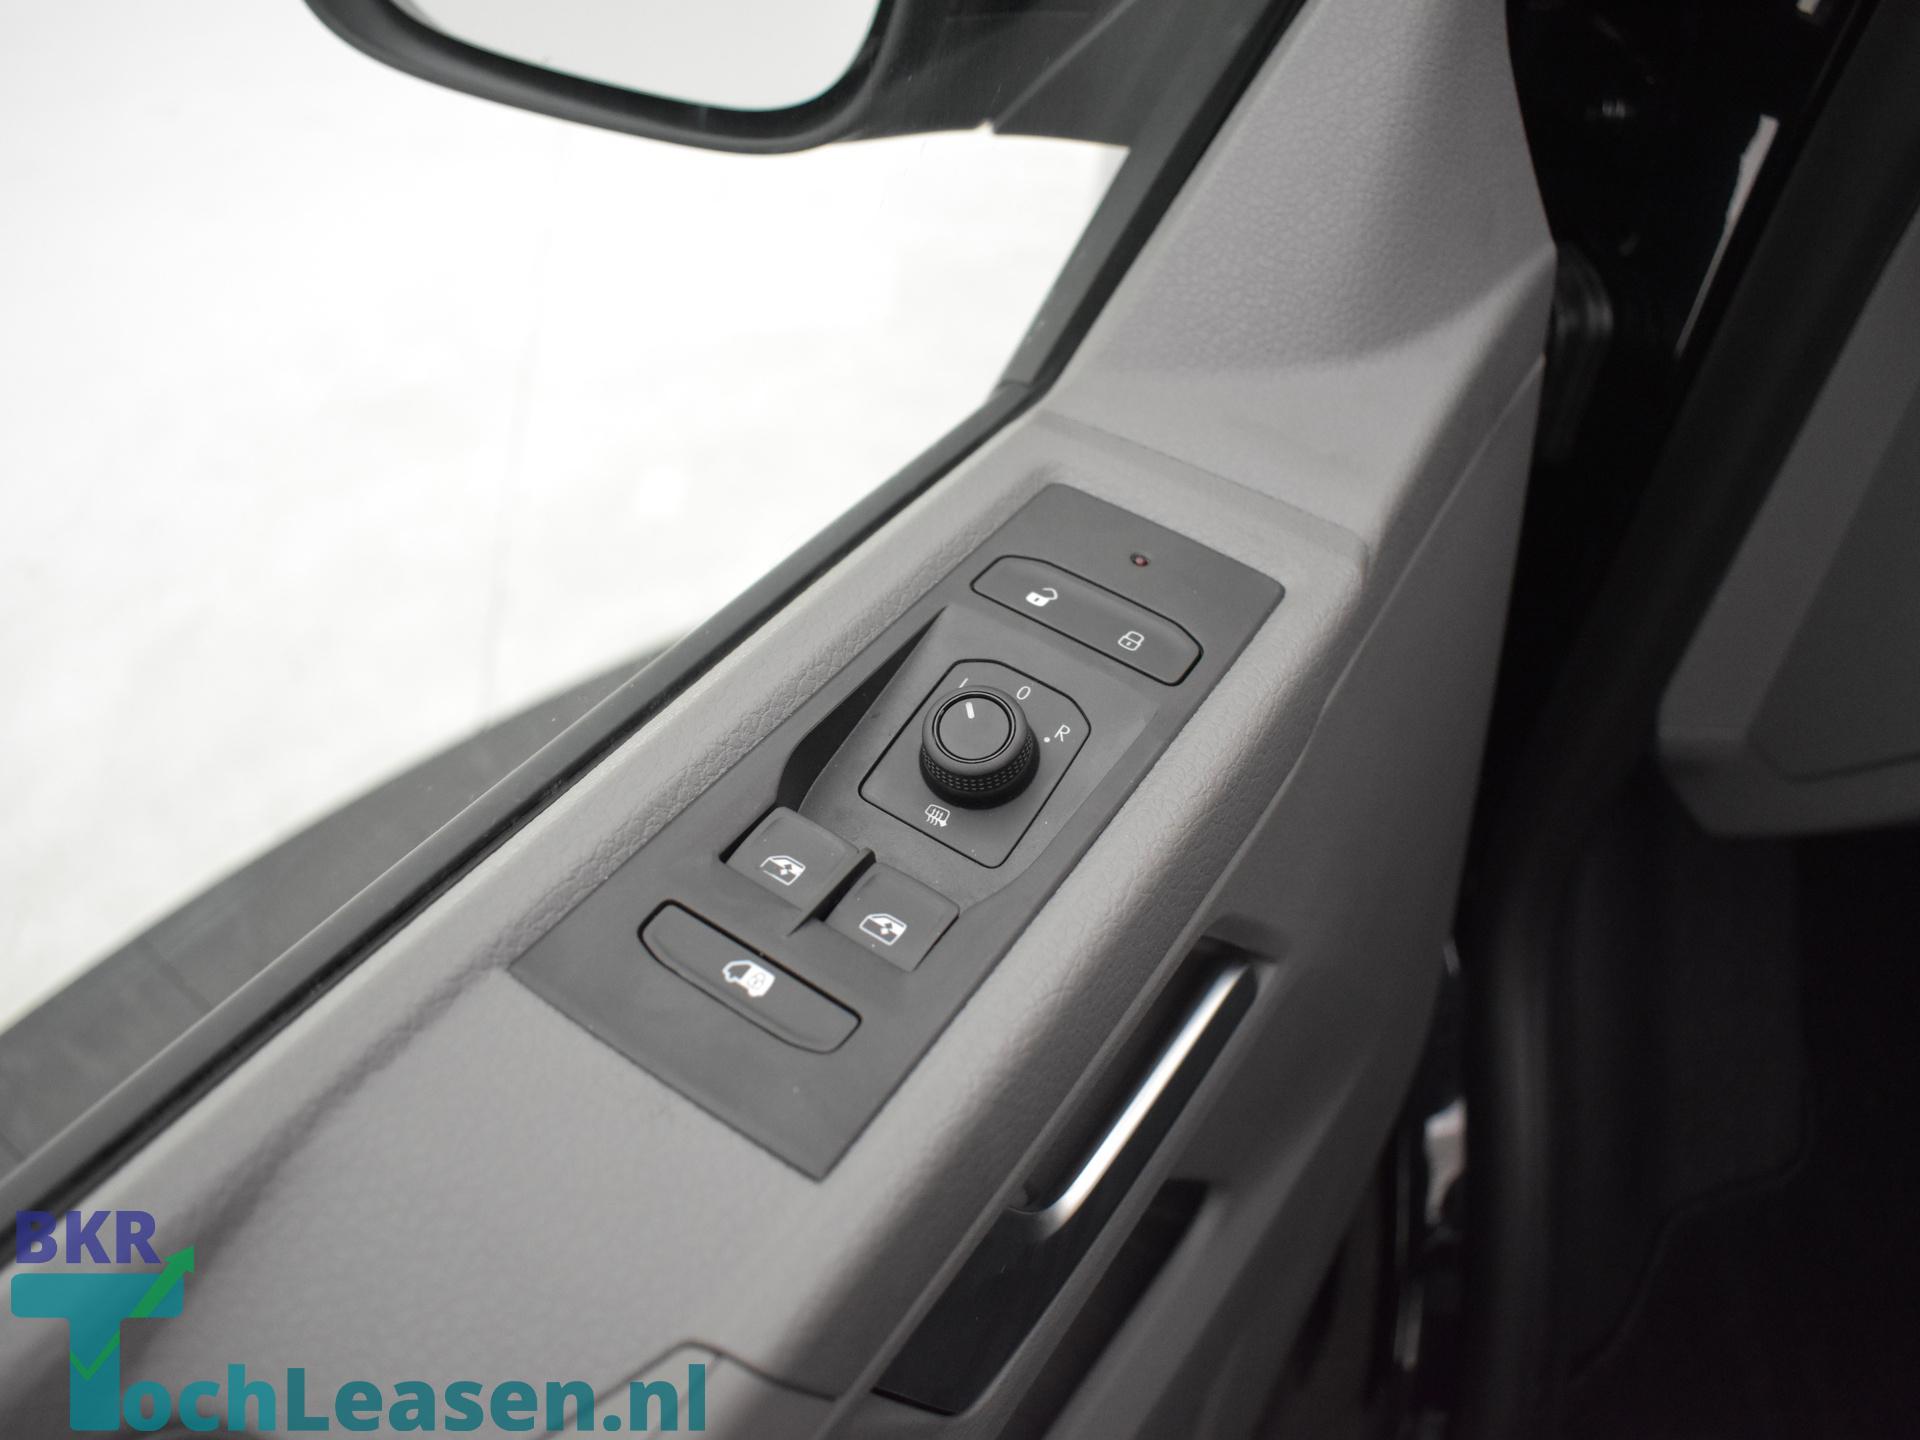 BKR toch leasen Volkswagen Transporter zwart 8